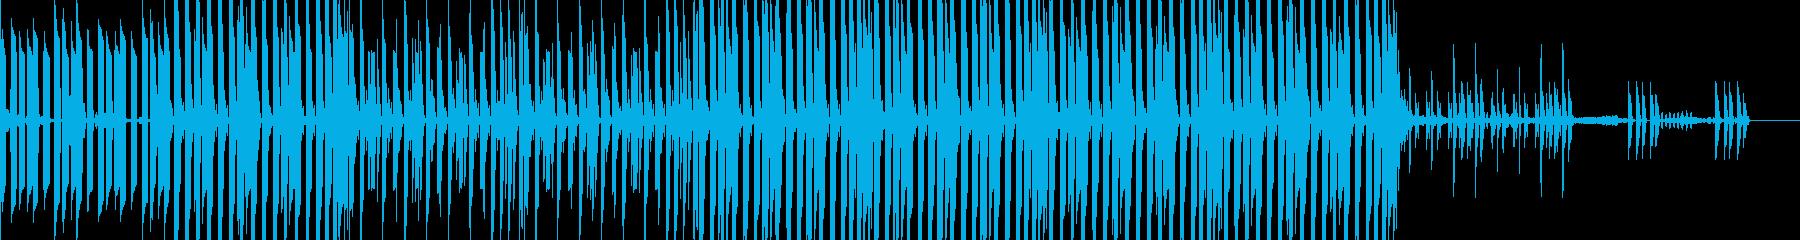 システムチックでシンプルなテクノの再生済みの波形